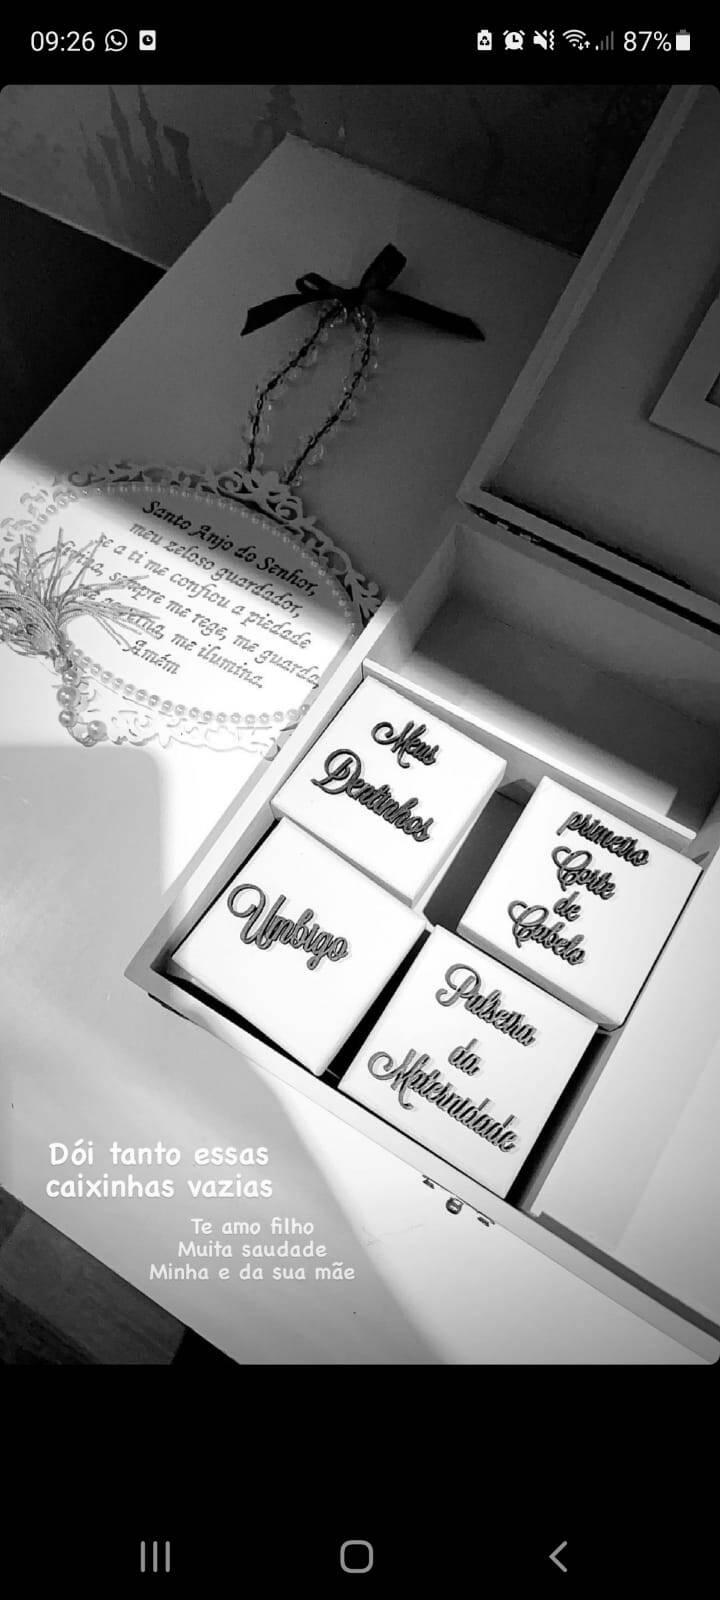 Whindersson Nunes exibe 'caixinha de lembranças' do filho vazia: 'dói' (Foto: Reprodução/Instagram)